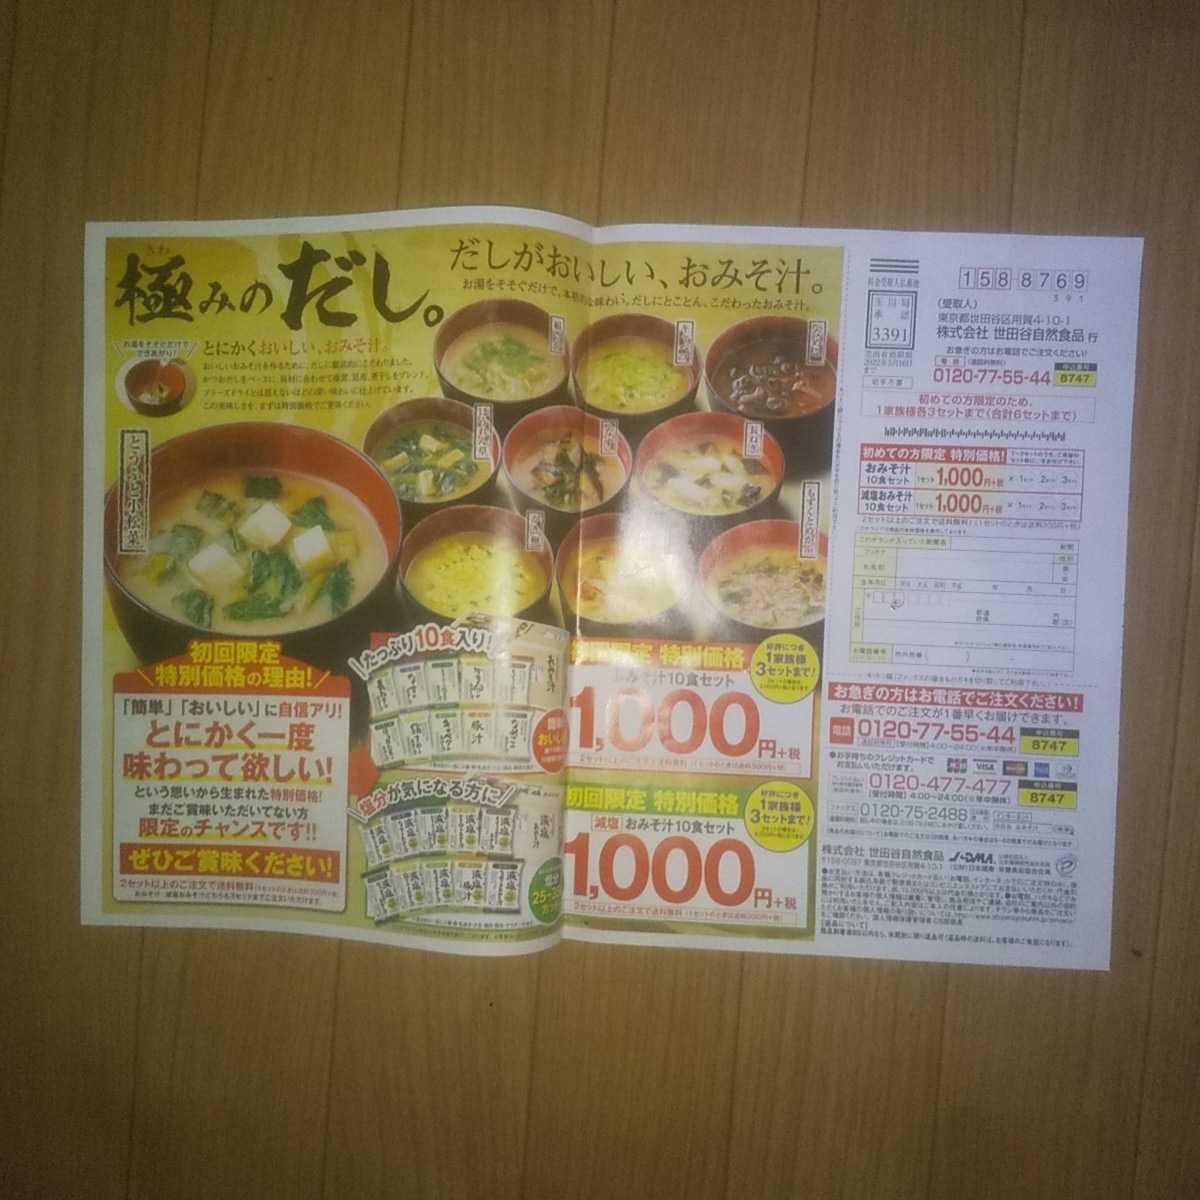 世田谷自然食品 フリーズドライおみそ汁 初回限定価格注文用紙付き広告 差出有効期限:2022.5/16_画像1